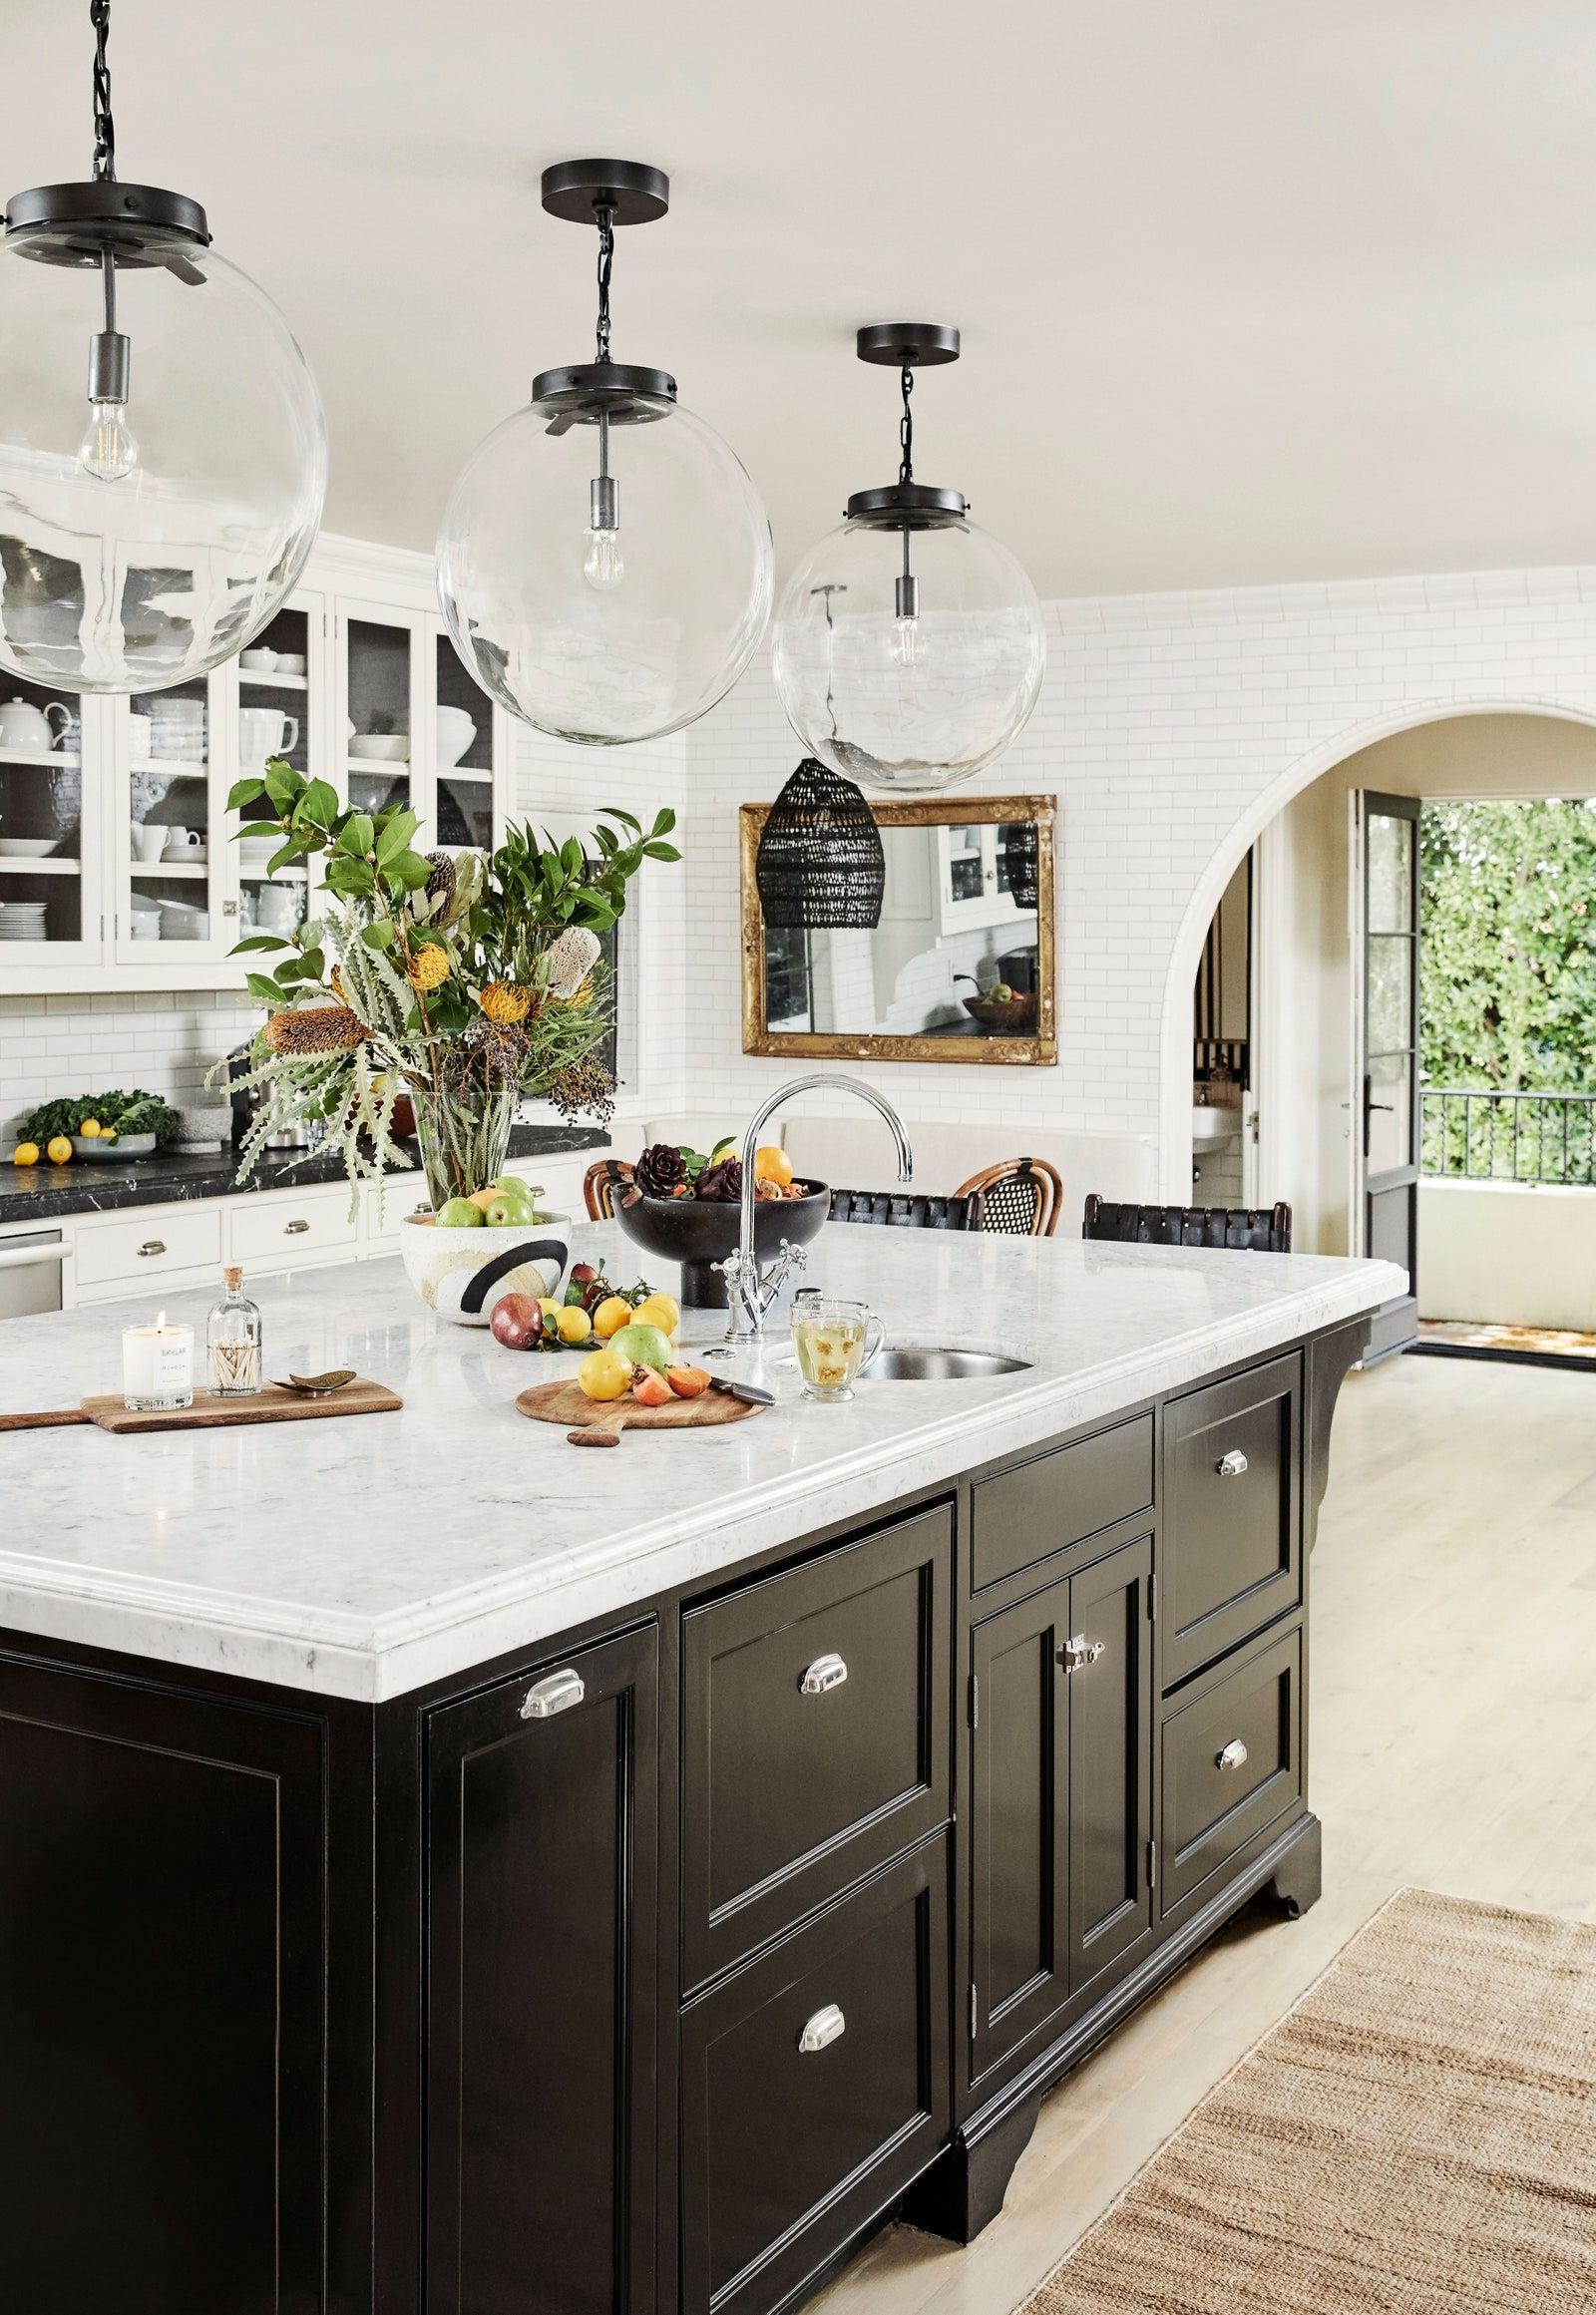 64 Stunning Kitchen Island Ideas Kitchen Island With Sink Kitchen Design Sunroom Kitchen